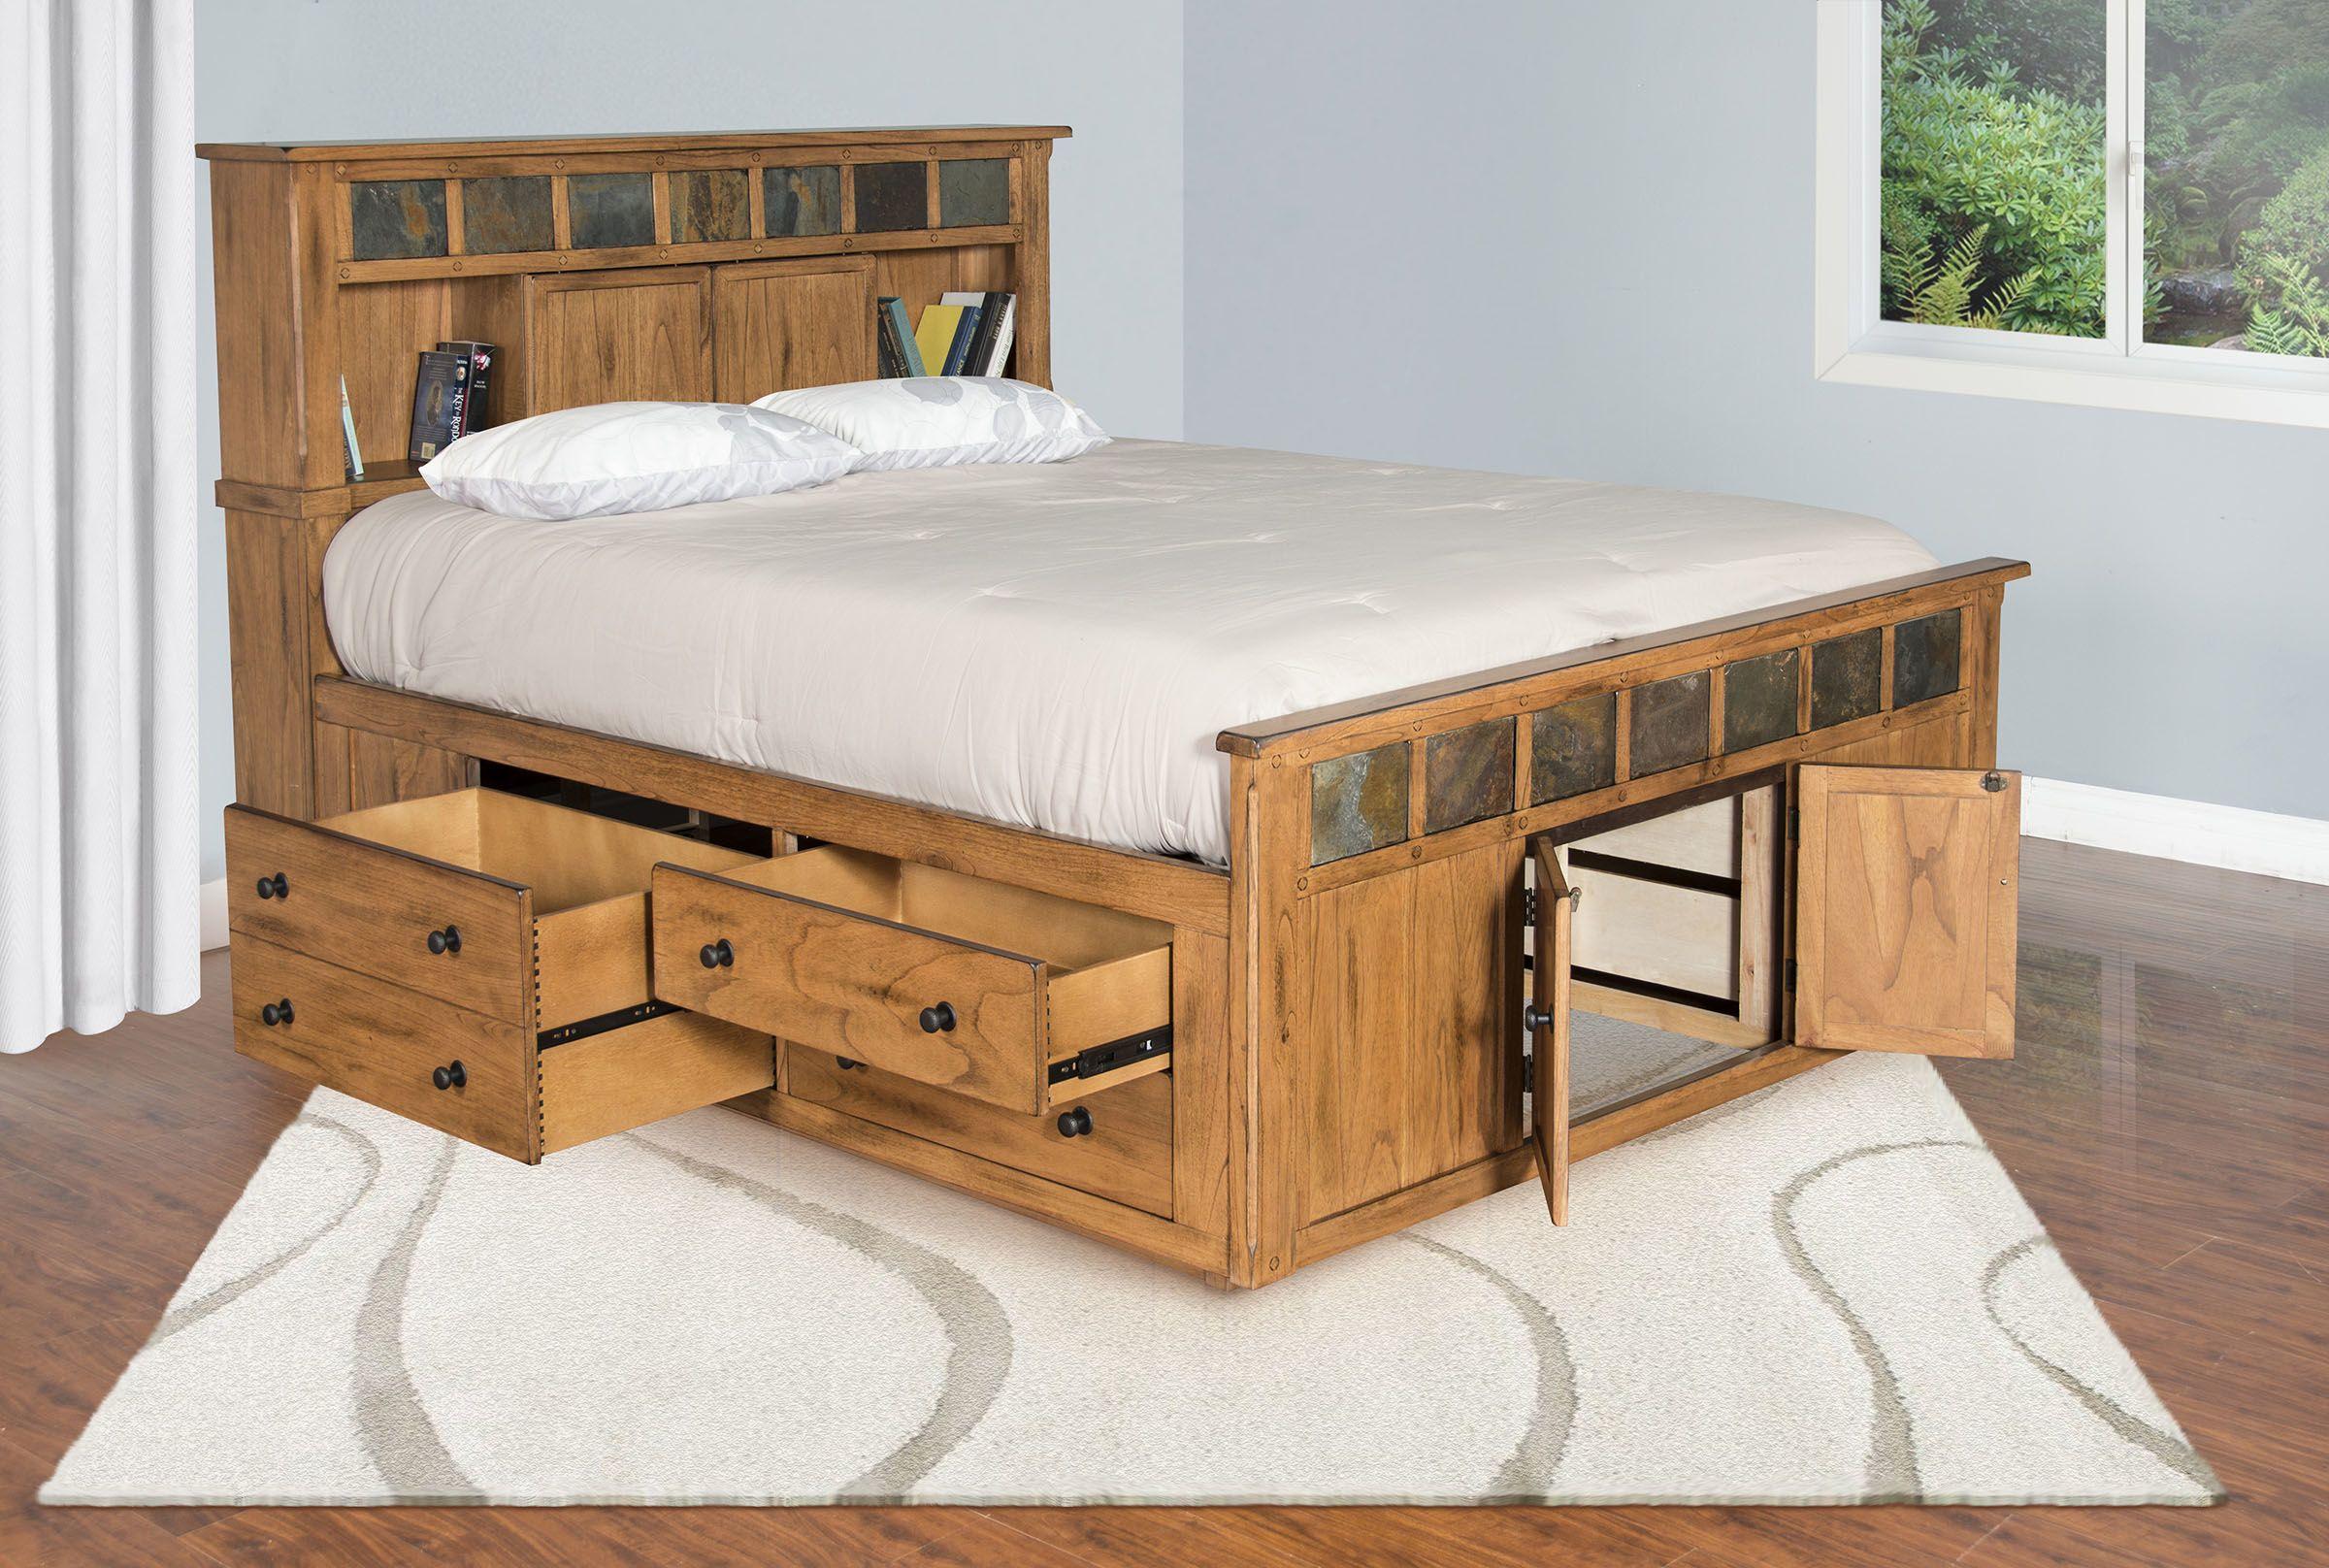 Eastern King Storage Bed in Mindi Wood, Brown in 2020